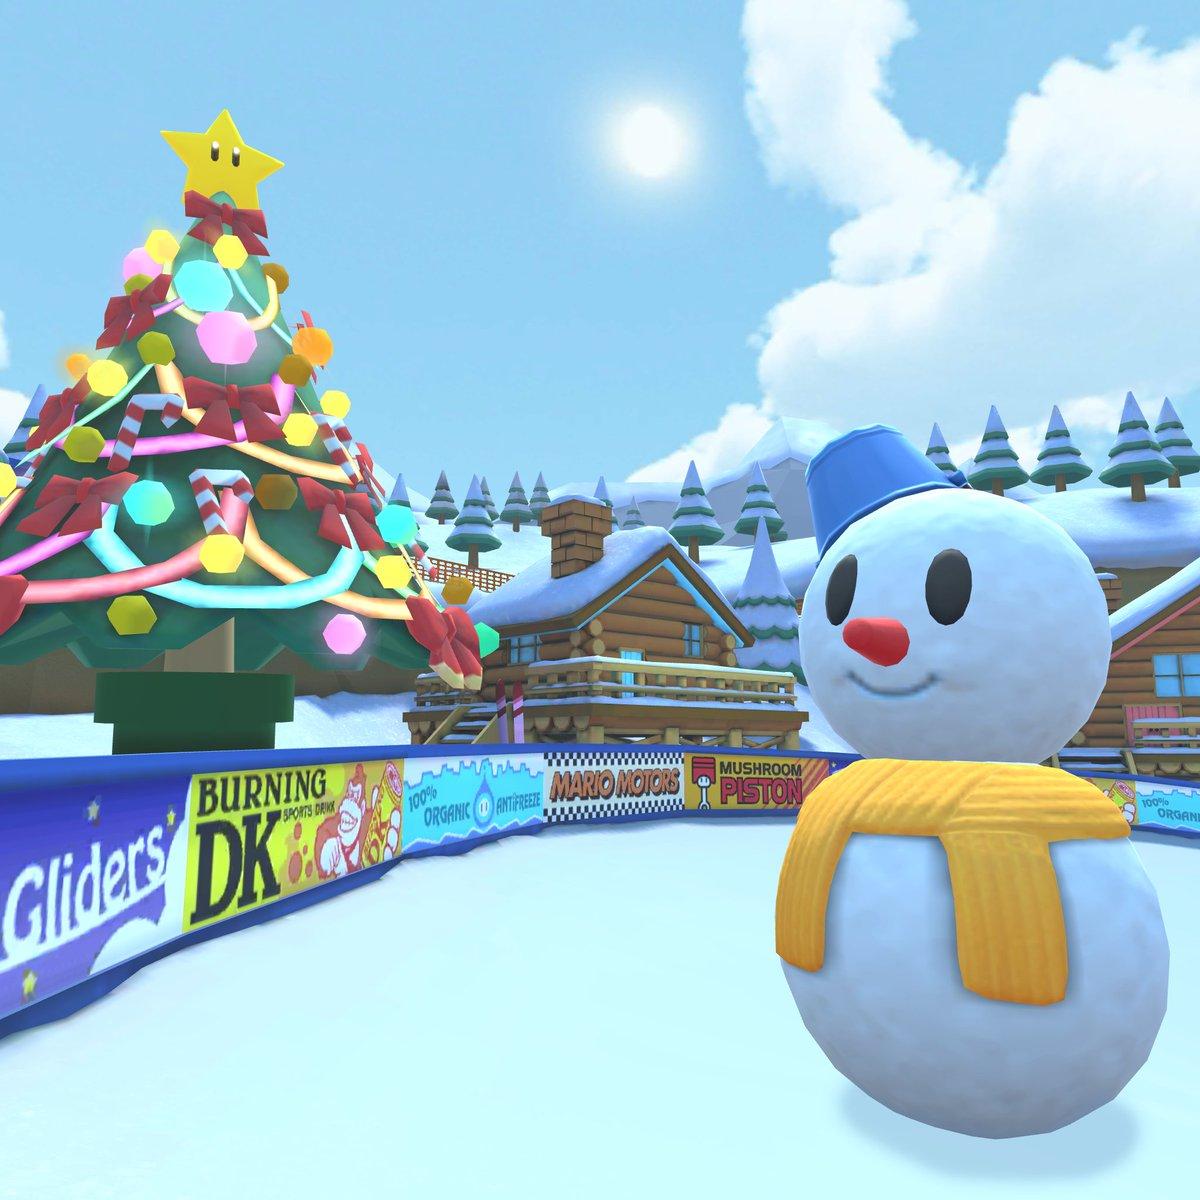 test ツイッターメディア - マリオカートツアーにも冬が近づいてきた! いよいよ今年も終盤戦! 次回!「ウィンターツアー」は11/20開幕!#マリオカートツアー https://t.co/pPhLV5KVJu